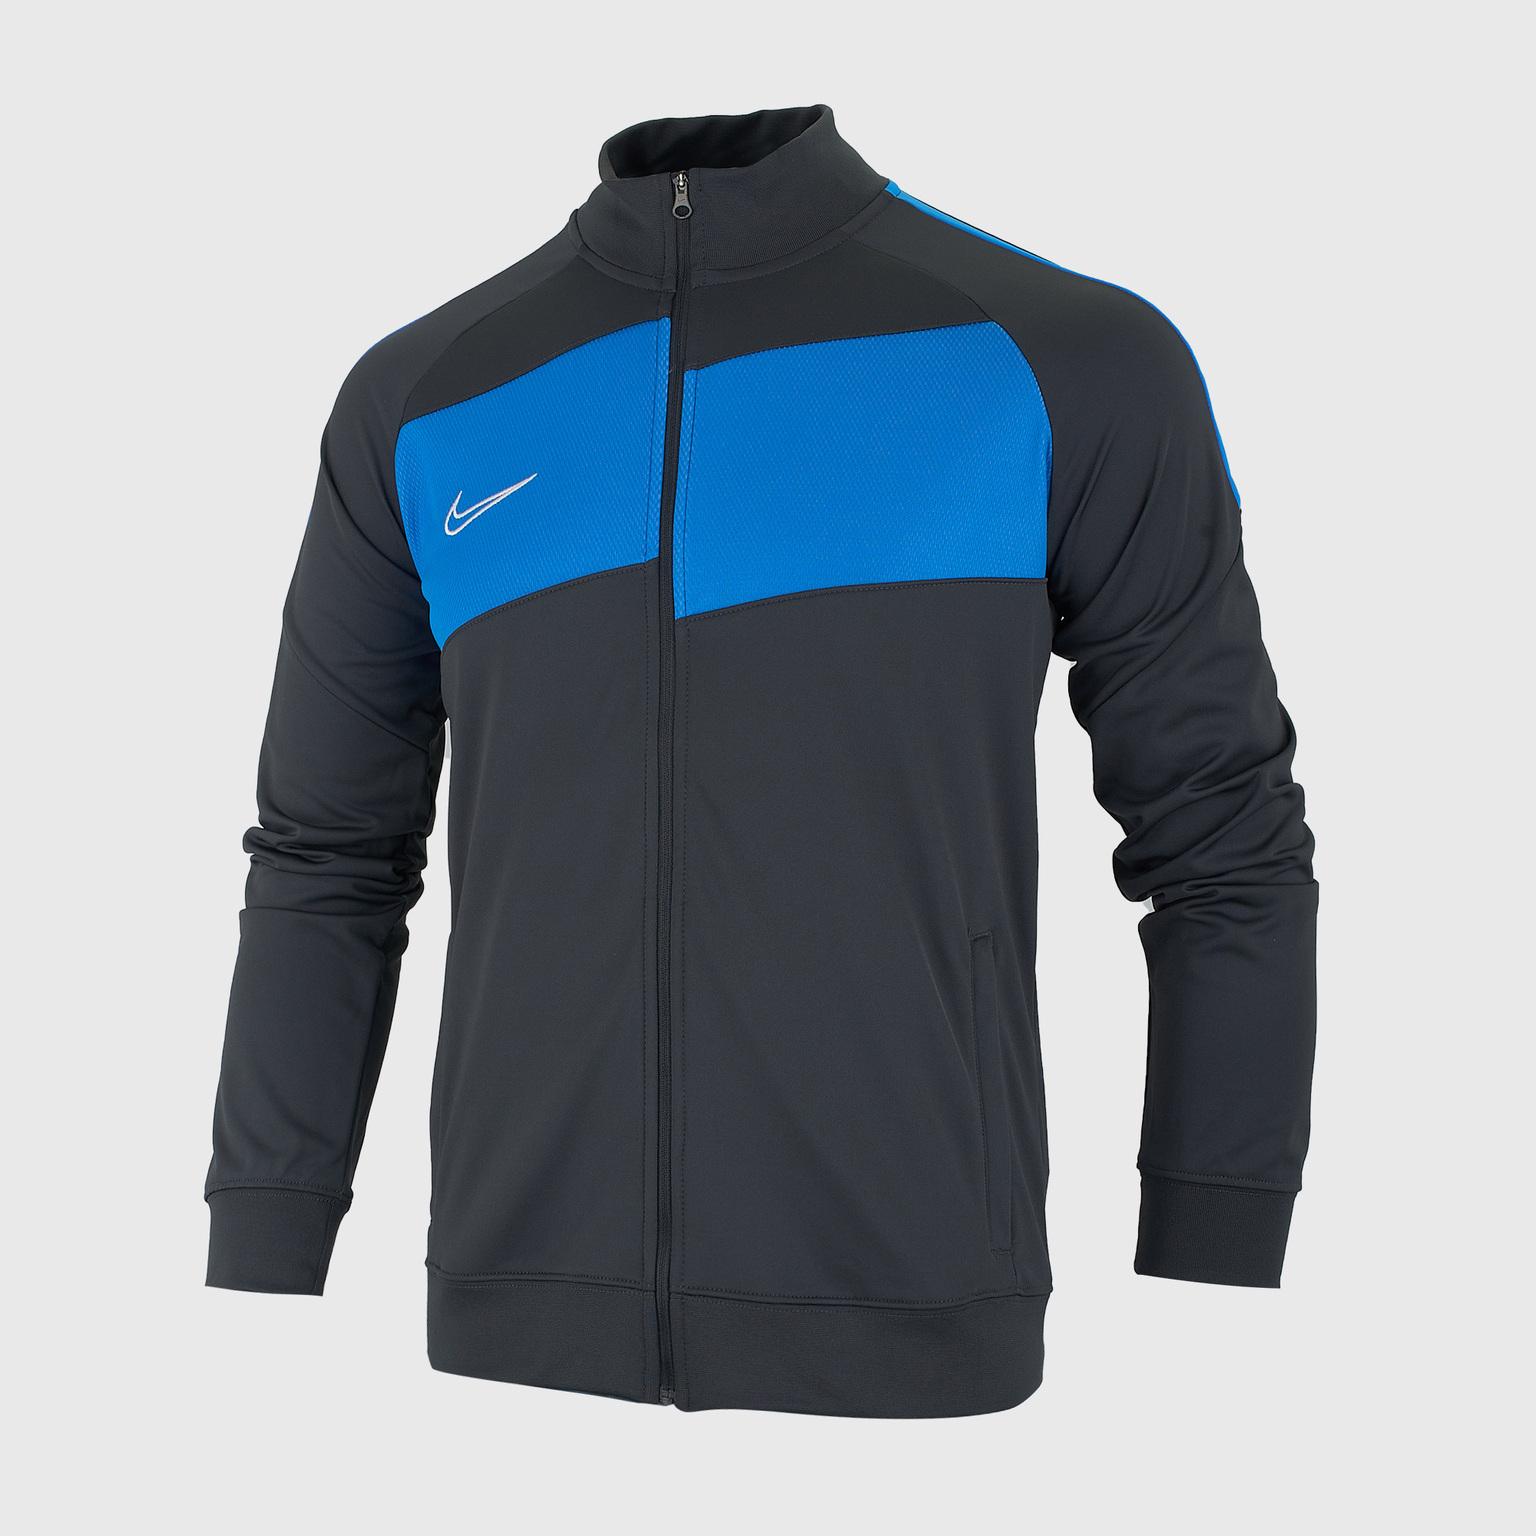 Олимпийка подростковая Nike Dry Academy BV6948-069 цена и фото